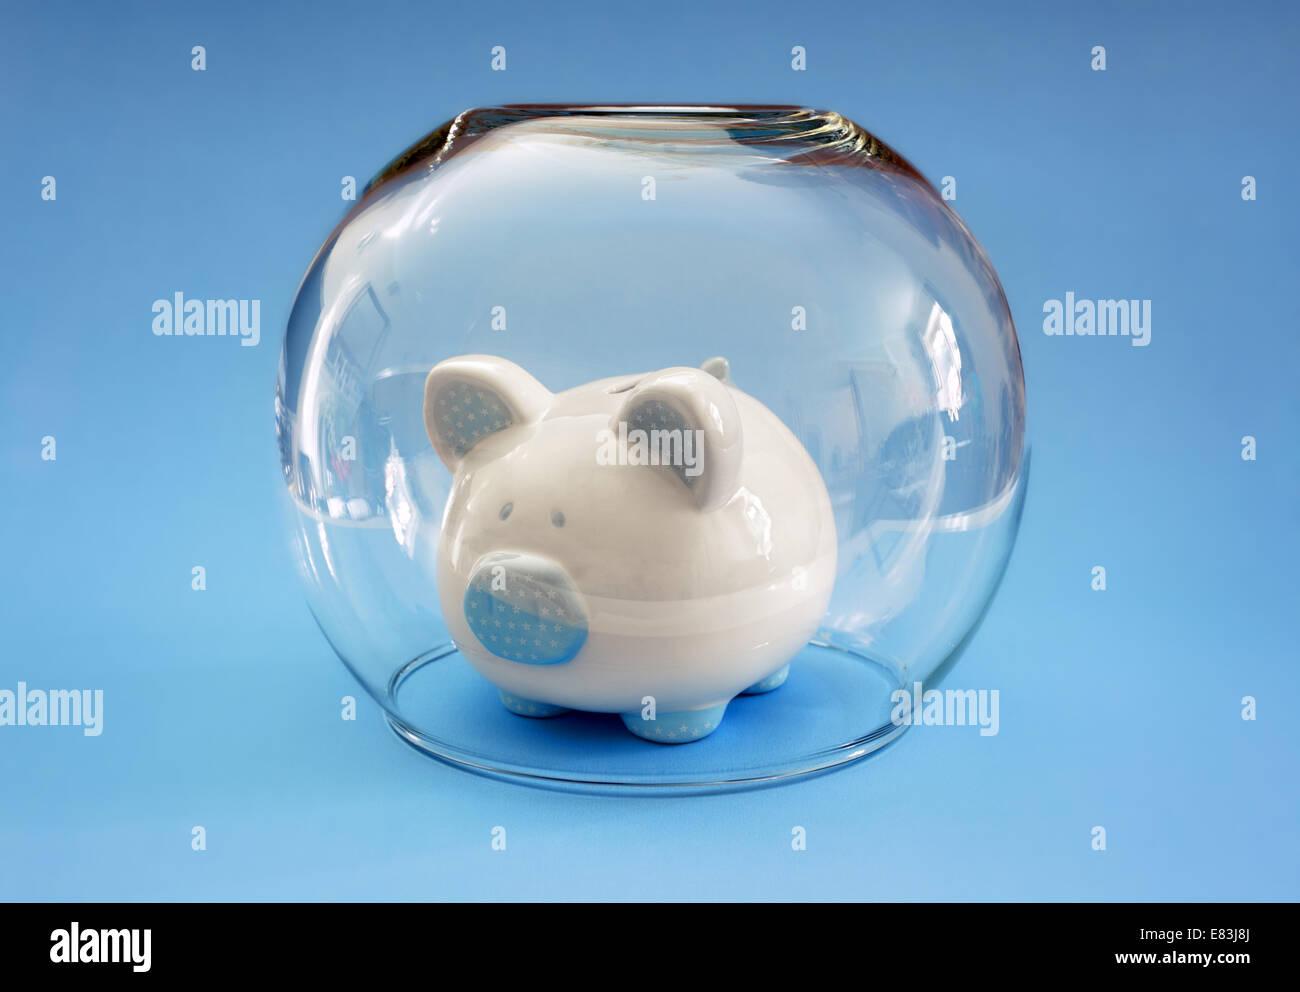 Proteggere il tuo denaro Immagini Stock